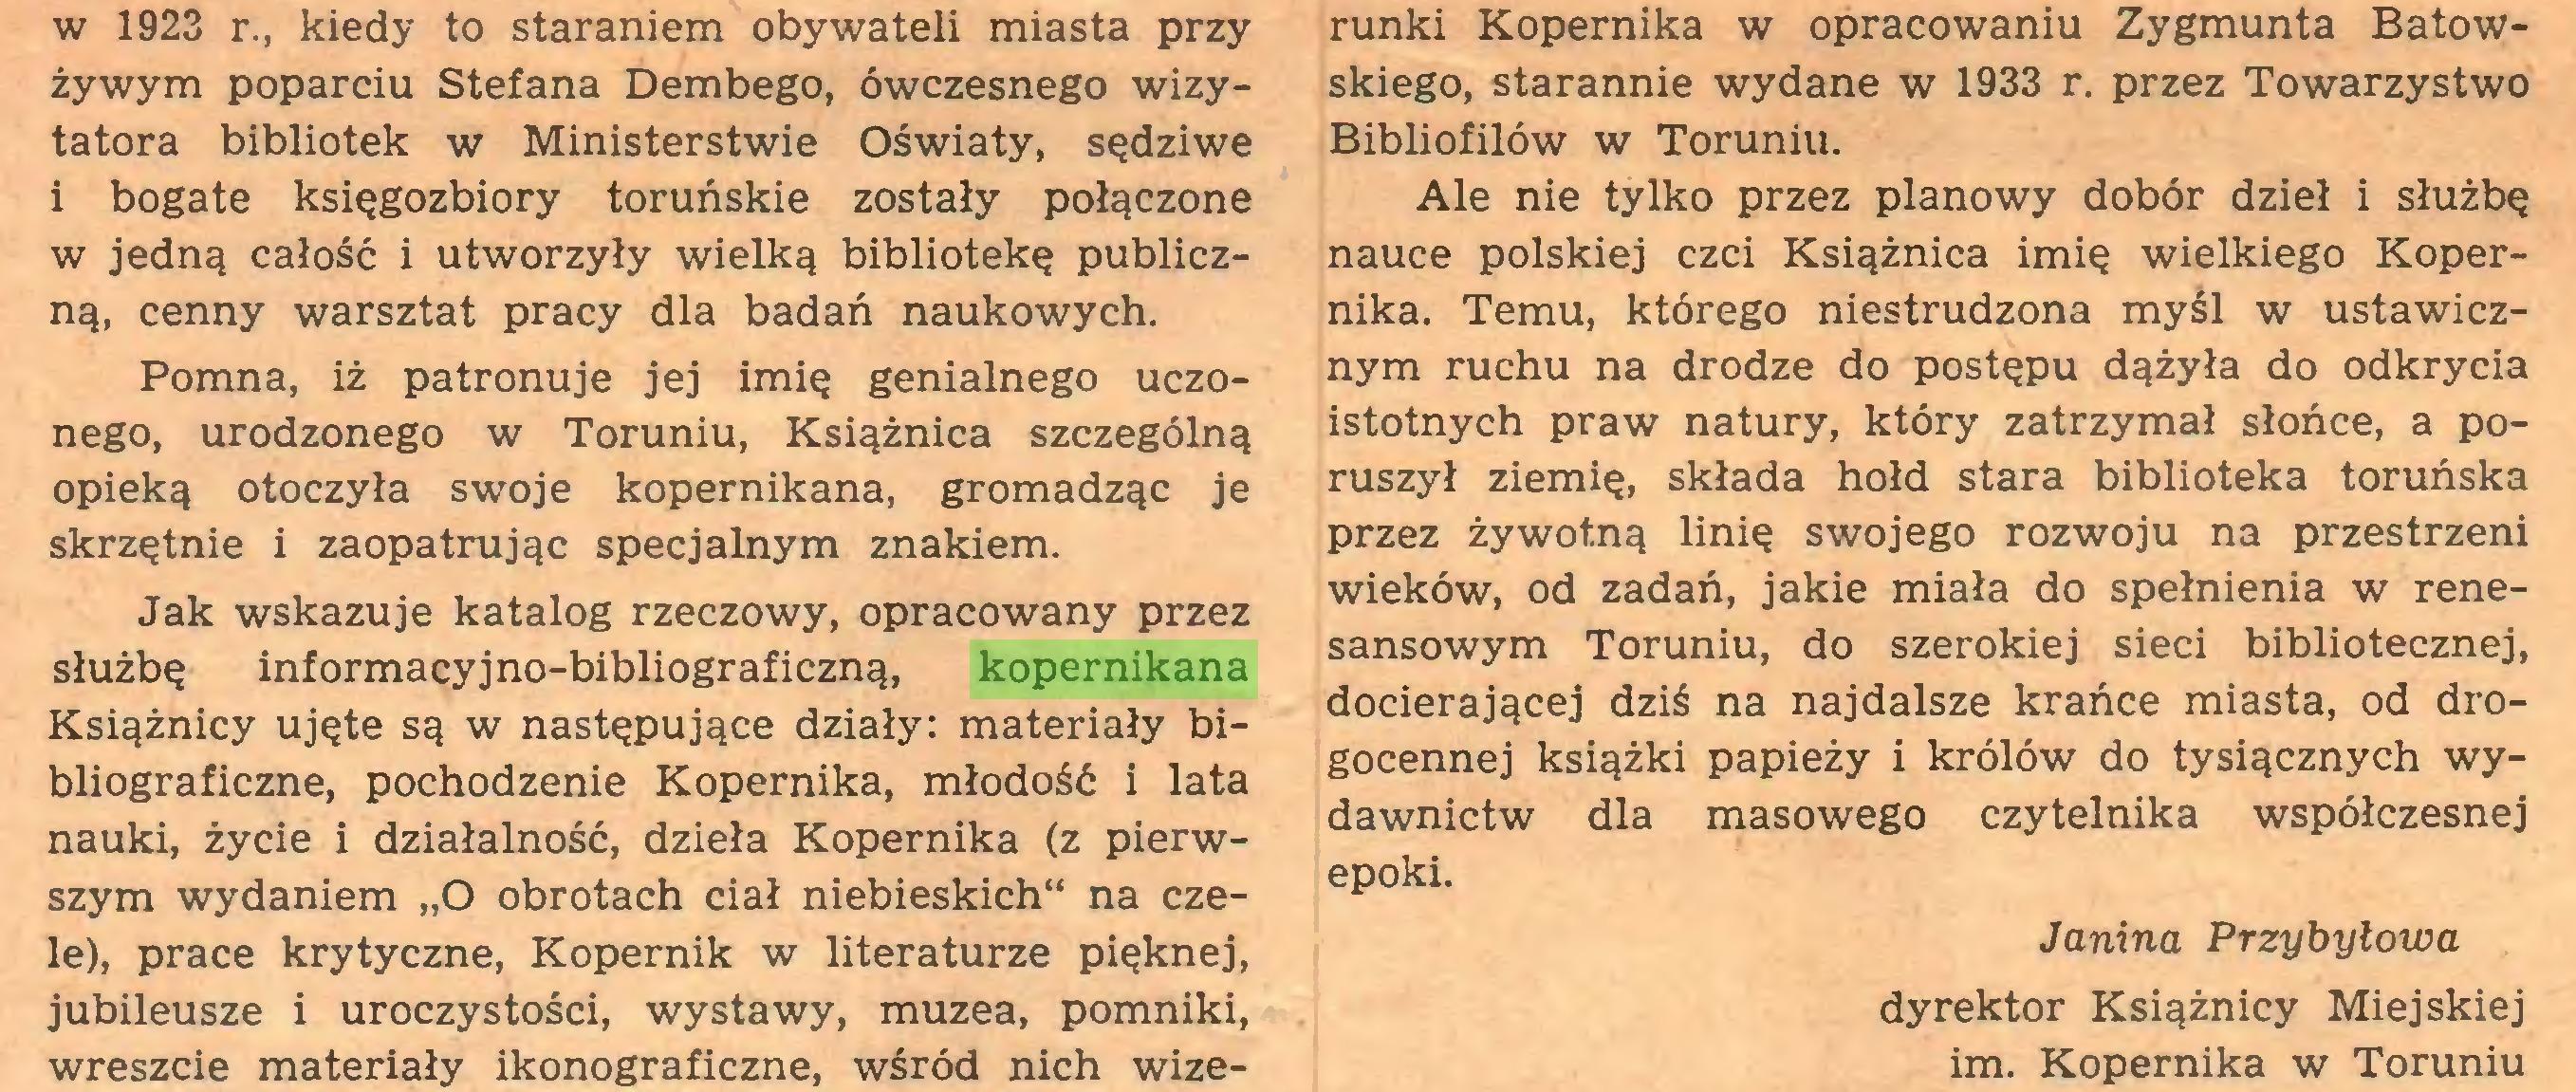 """(...) Jak wskazuje katalog rzeczowy, opracowany przez służbę informacyjno-bibliograficzną, kopernikana Książnicy ujęte są w następujące działy: materiały bibliograficzne, pochodzenie Kopernika, młodość i lata nauki, życie i działalność, dzieła Kopernika (z pierwszym wydaniem """"O obrotach ciał niebieskich"""" na czele), prace krytyczne, Kopernik w literaturze pięknej, jubileusze i uroczystości, wystawy, muzea, pomniki, wreszcie materiały ikonograficzne, wśród nich wize¬ runki Kopernika w opracowaniu Zygmunta Batowskiego, starannie wydane w 1933 r. przez Towarzystwo..."""